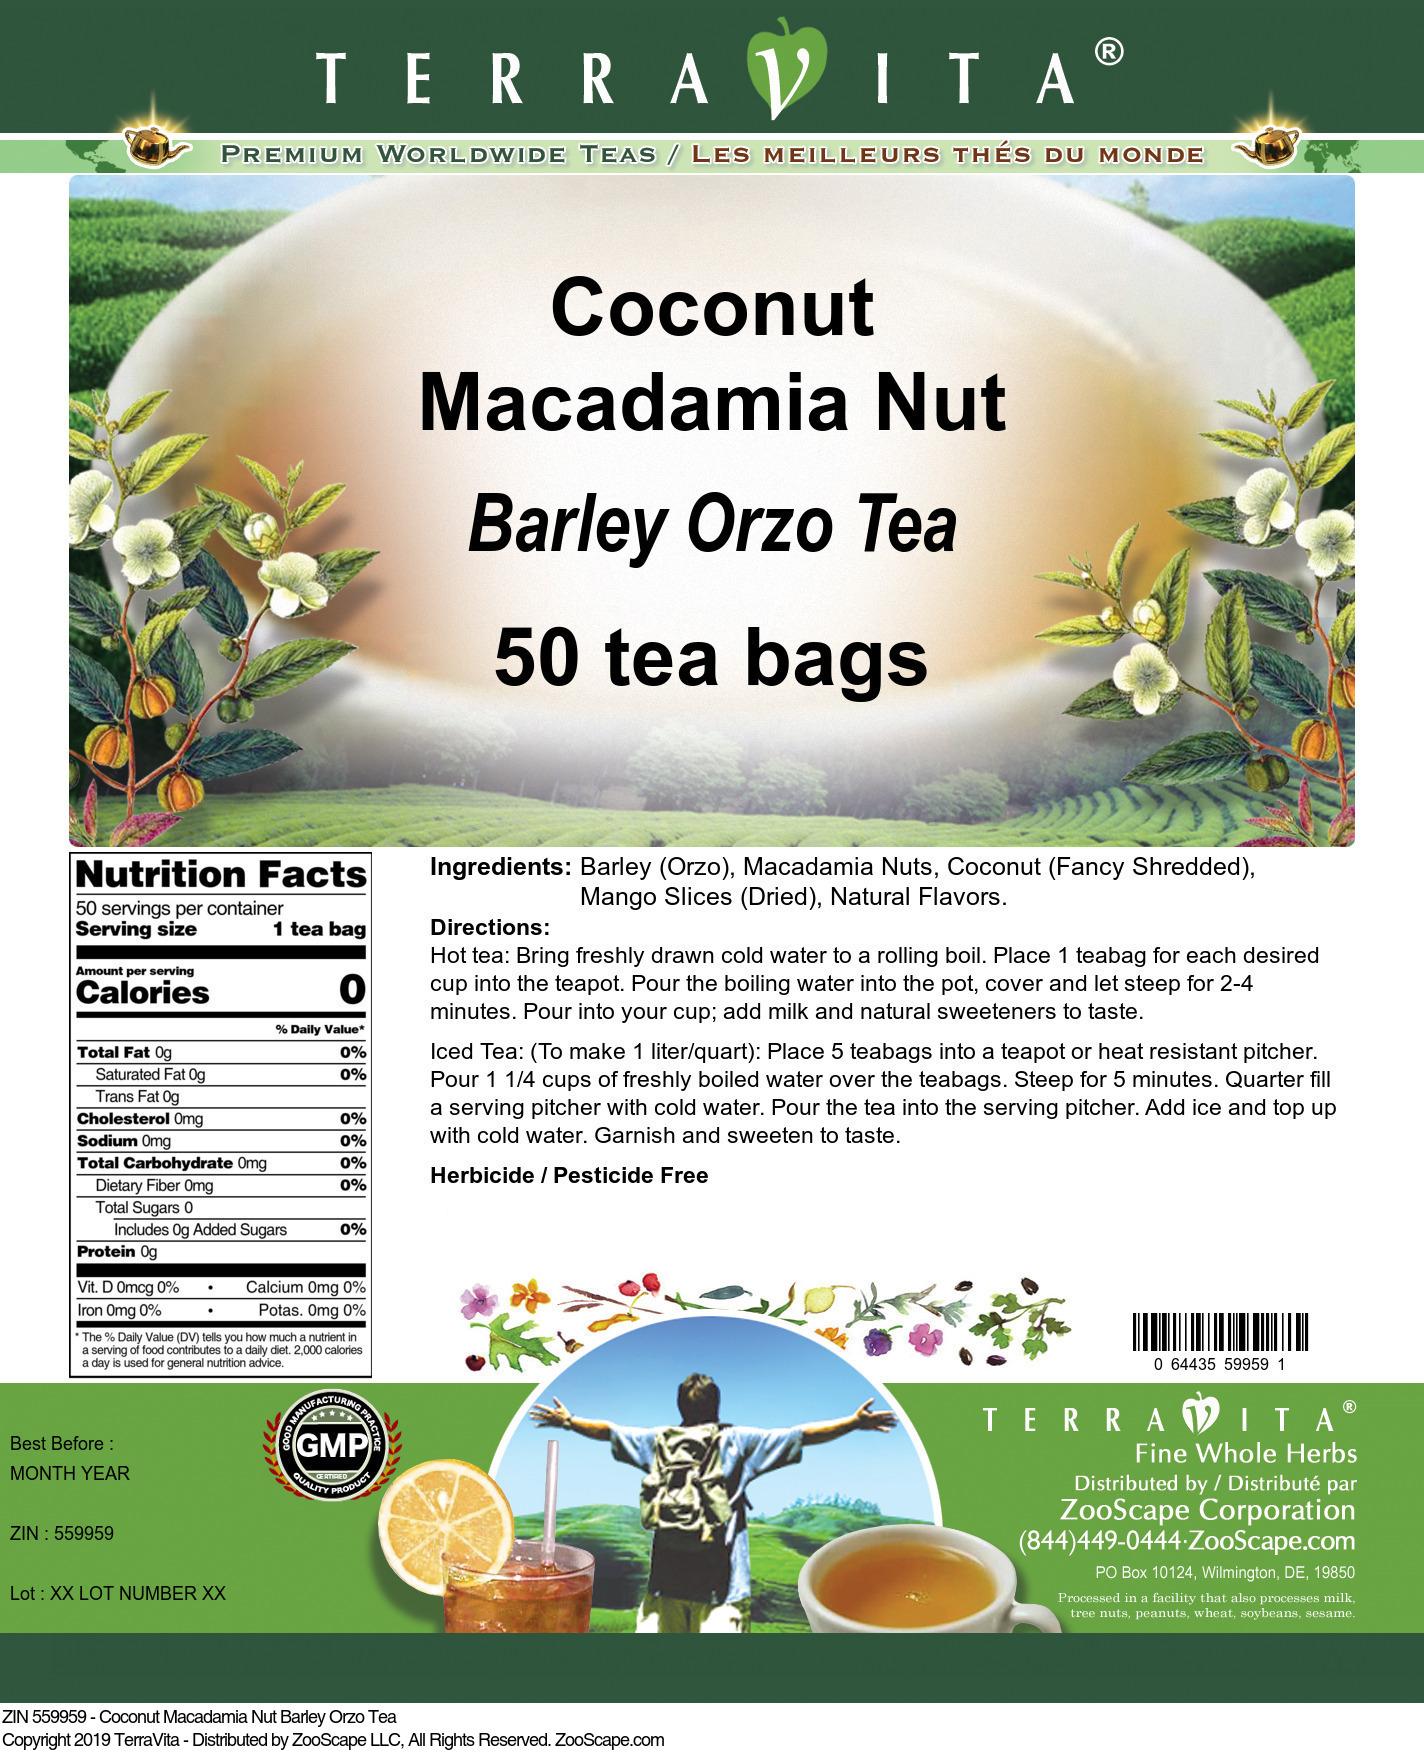 Coconut Macadamia Nut Barley Orzo Tea